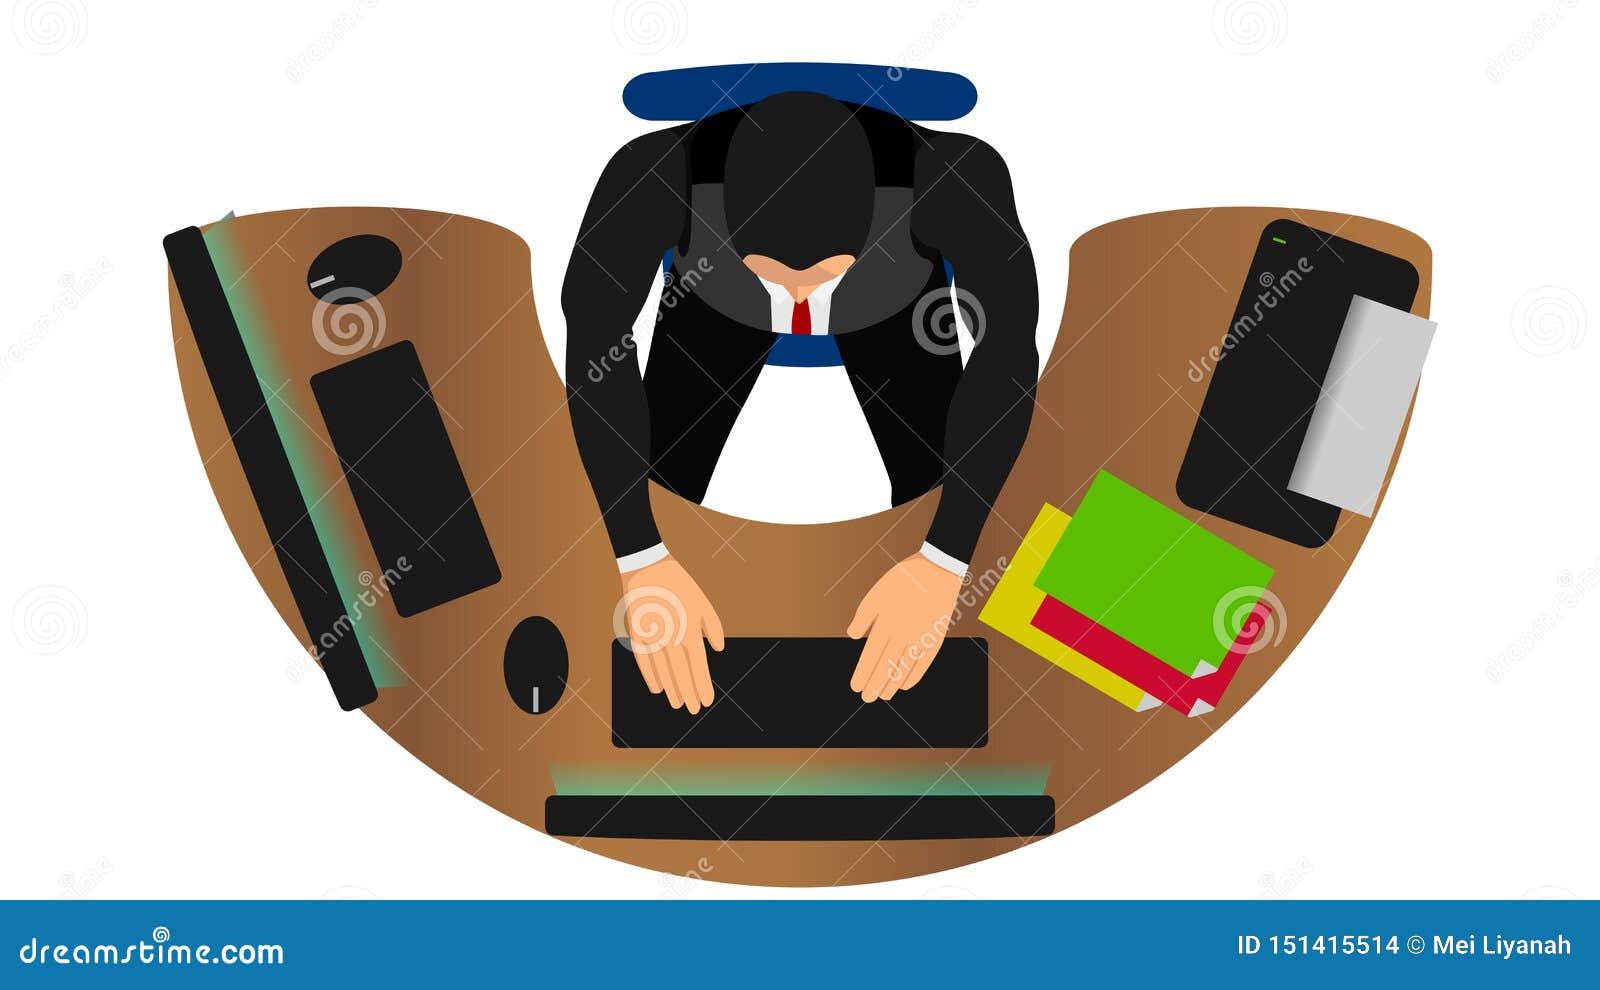 Работники офиса работают со множественными функциями